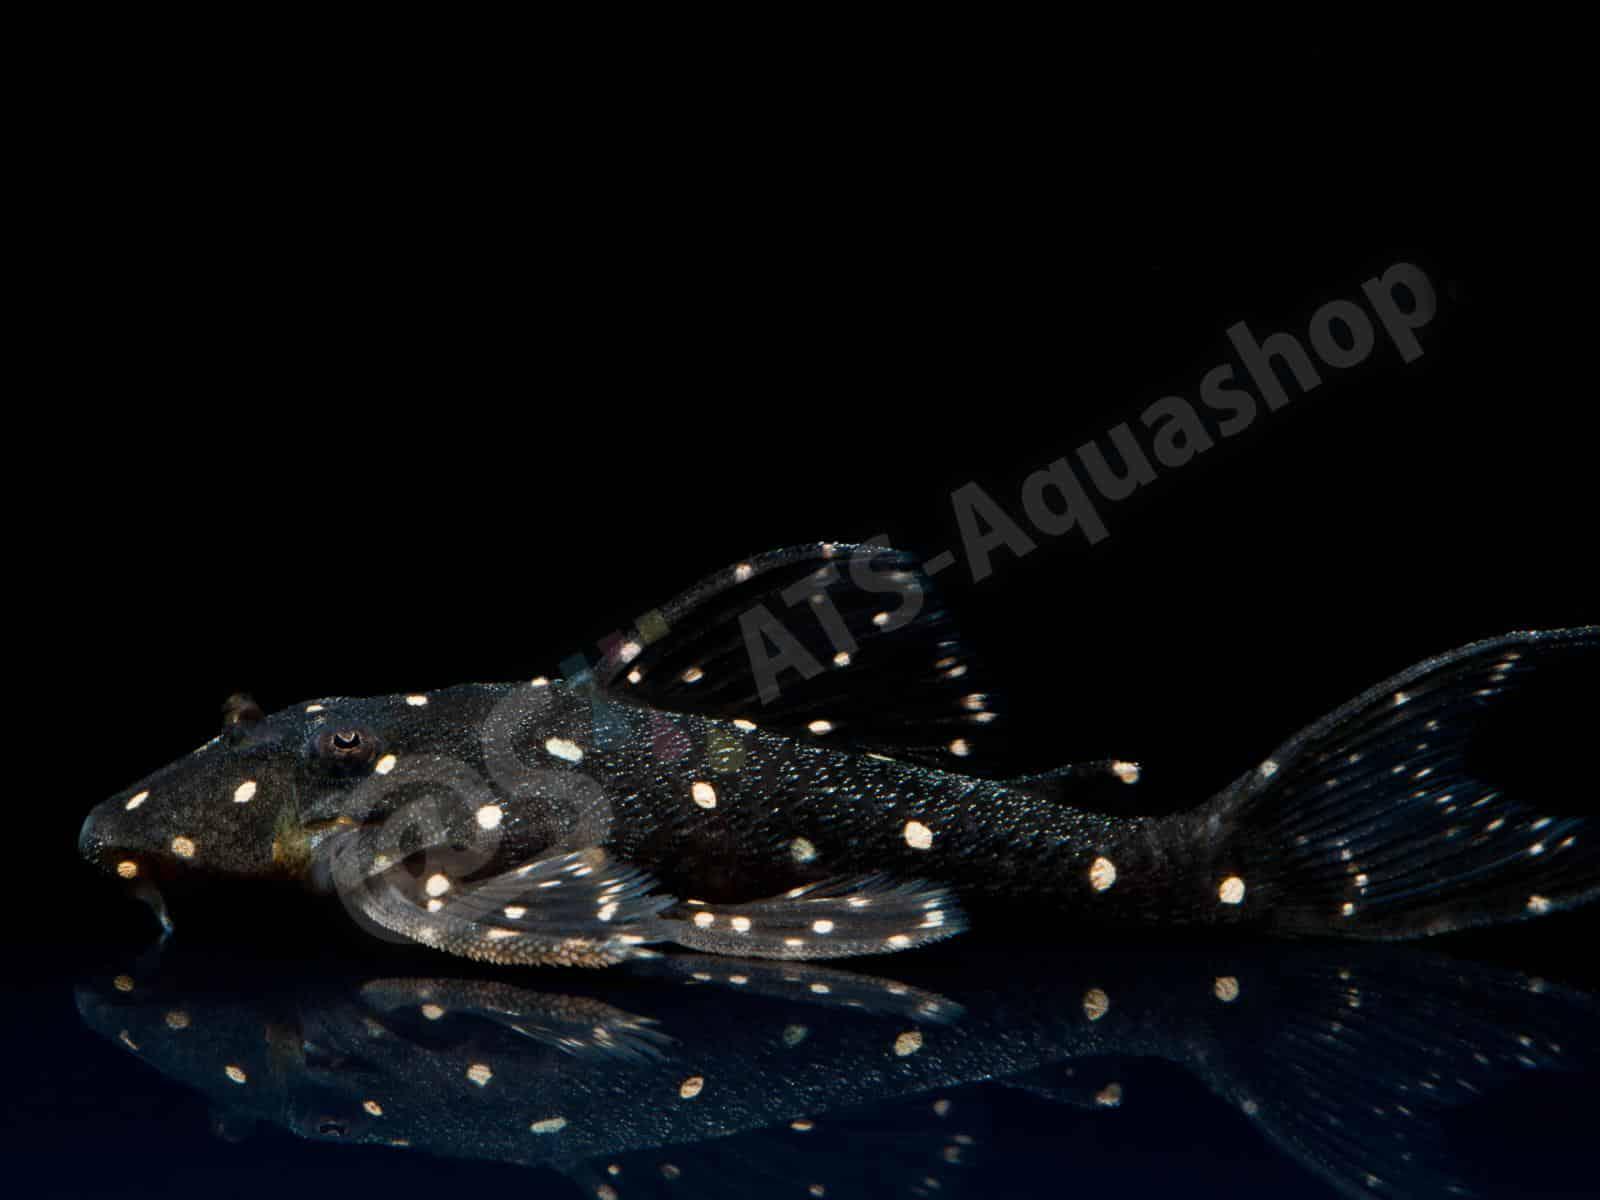 panaqolus albomaculatus lda 31 enrico richter 0281 8